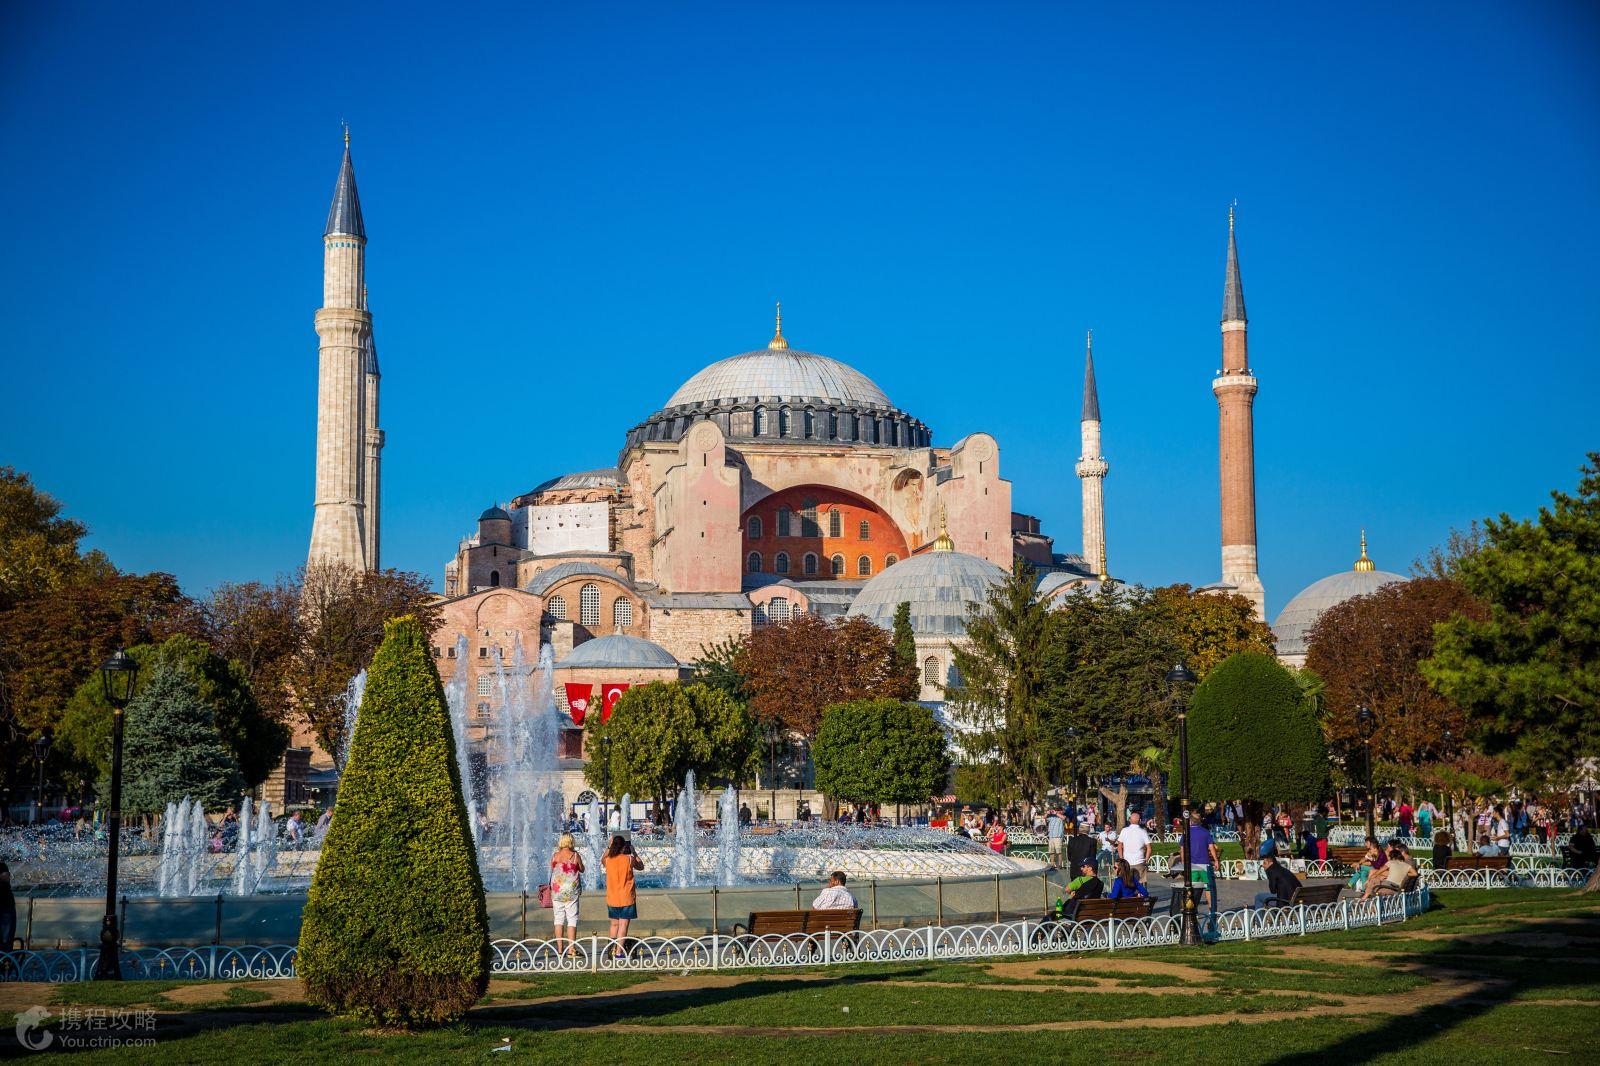 土耳其伊斯坦布尔+卡帕多奇亚+棉花堡+地中海